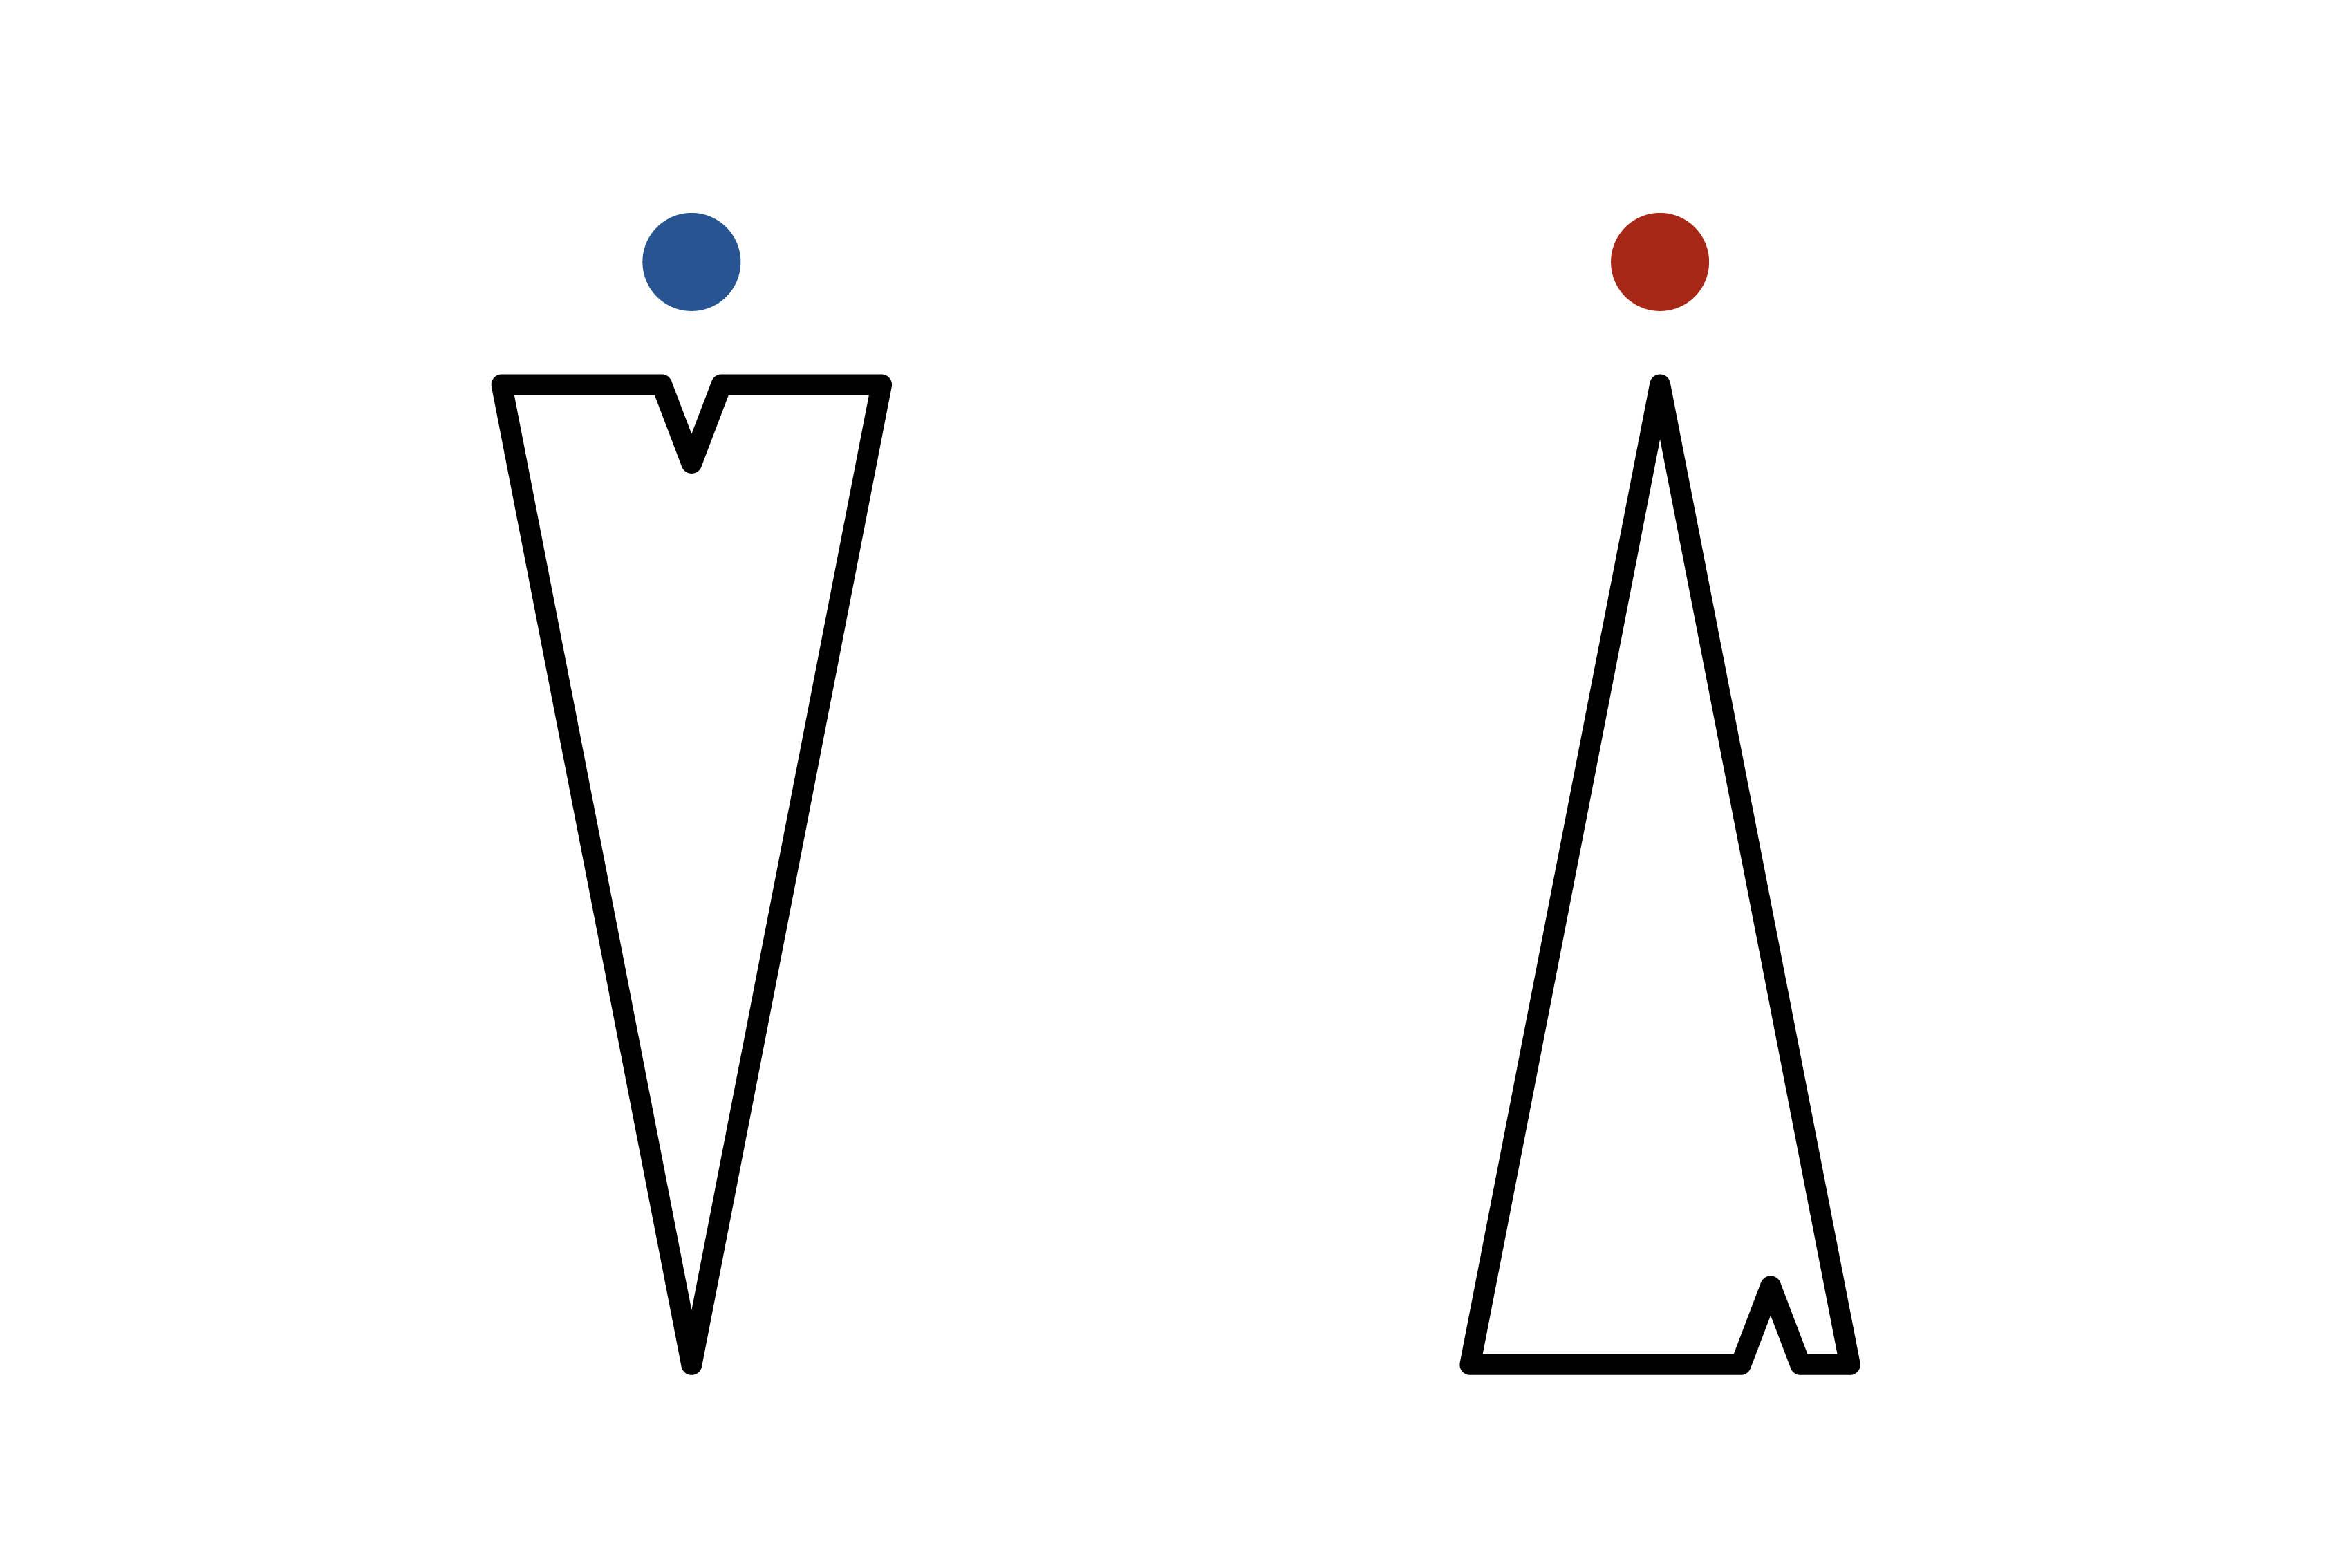 トイレピクトグラム.jpg